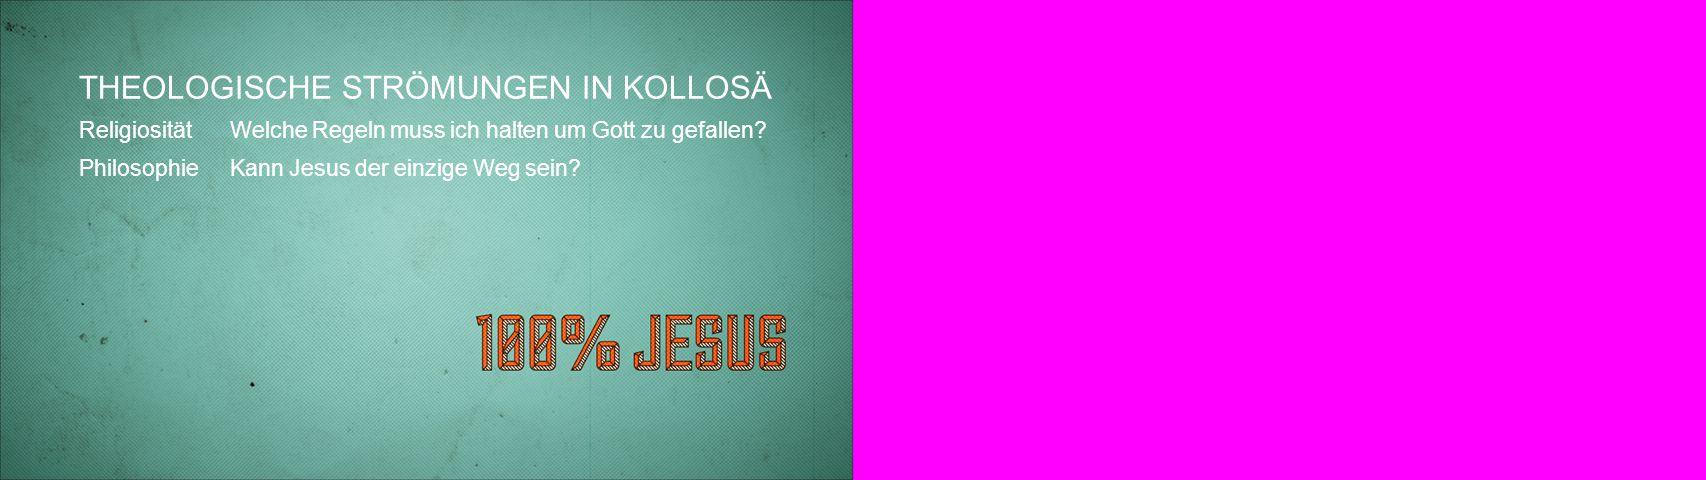 THEOLOGISCHE STRÖMUNGEN IN KOLLOSÄ ReligiositätWelche Regeln muss ich halten um Gott zu gefallen? Philosophie Kann Jesus der einzige Weg sein?